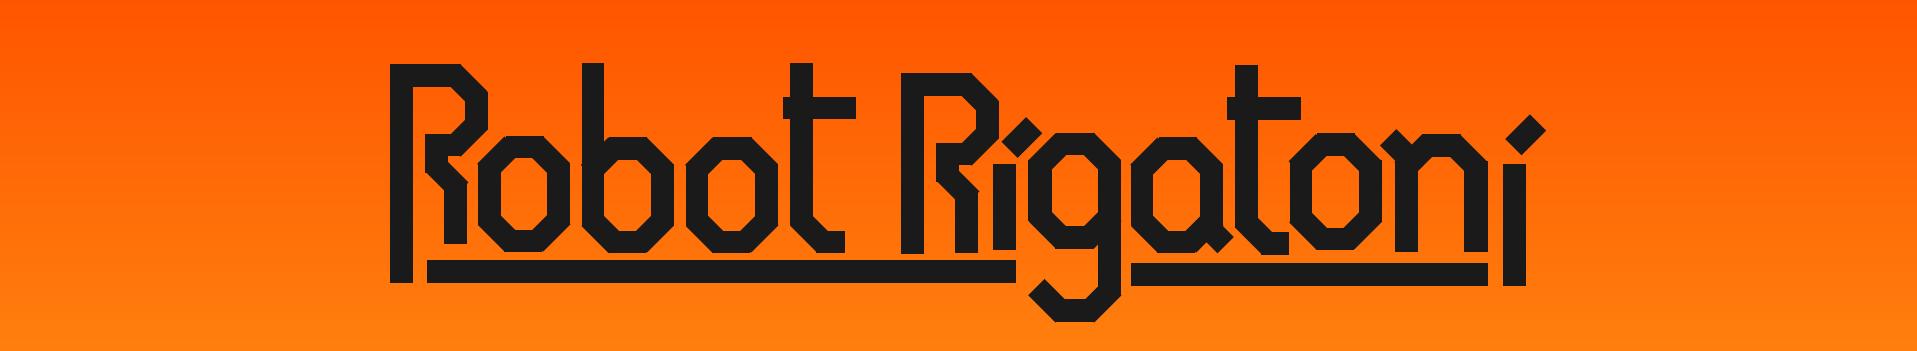 Robot Rigatoni